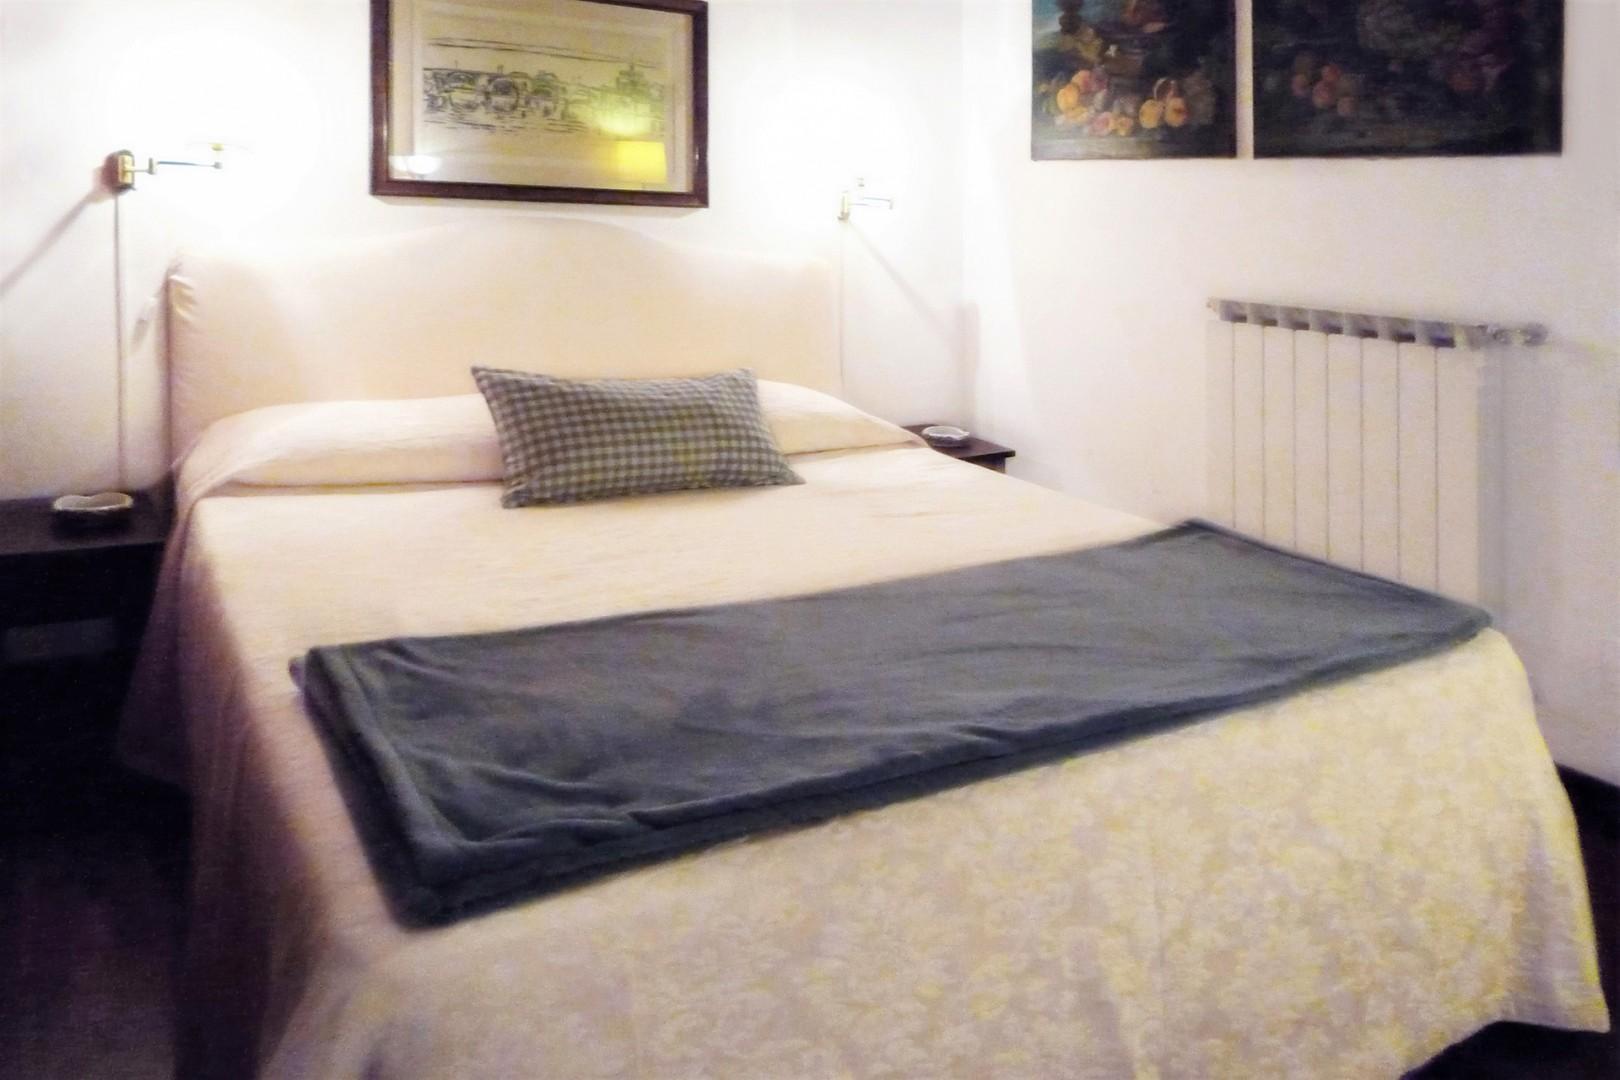 Bedroom doorway opens directly to the living room, but there is no door.